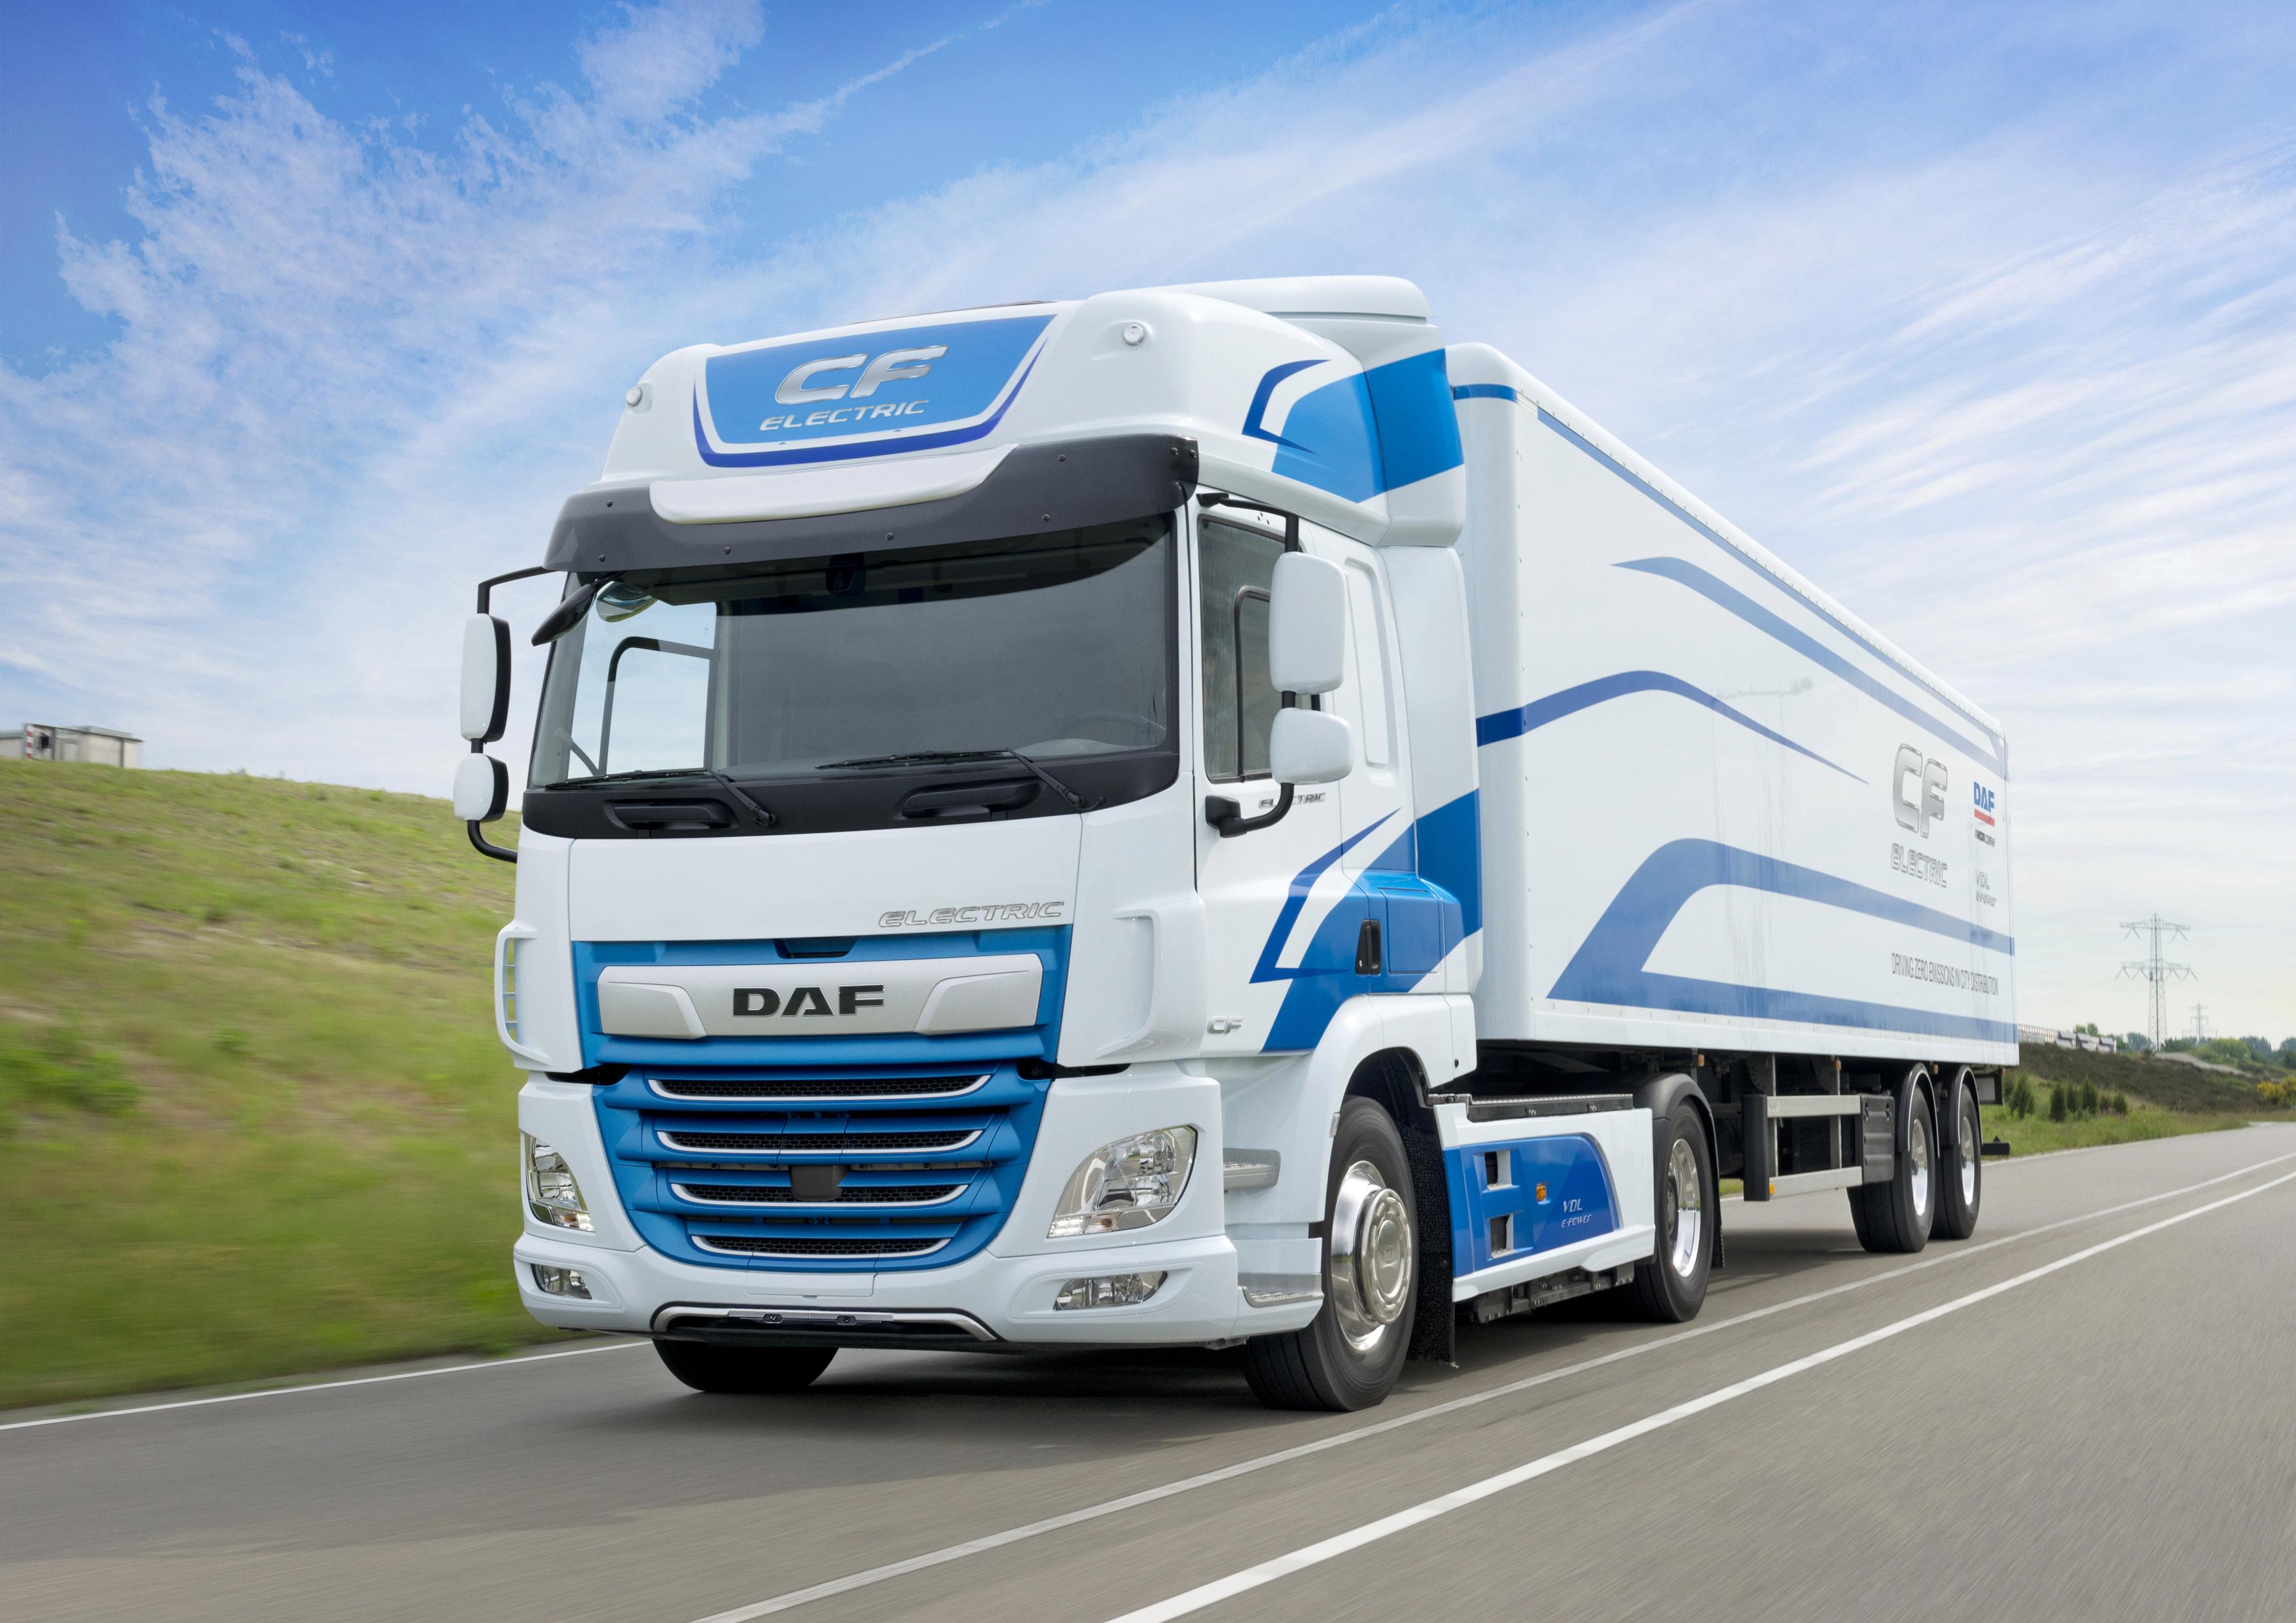 Elektro Und Hybridfahrzeuge Daf Trucks Deutschland Gmbh